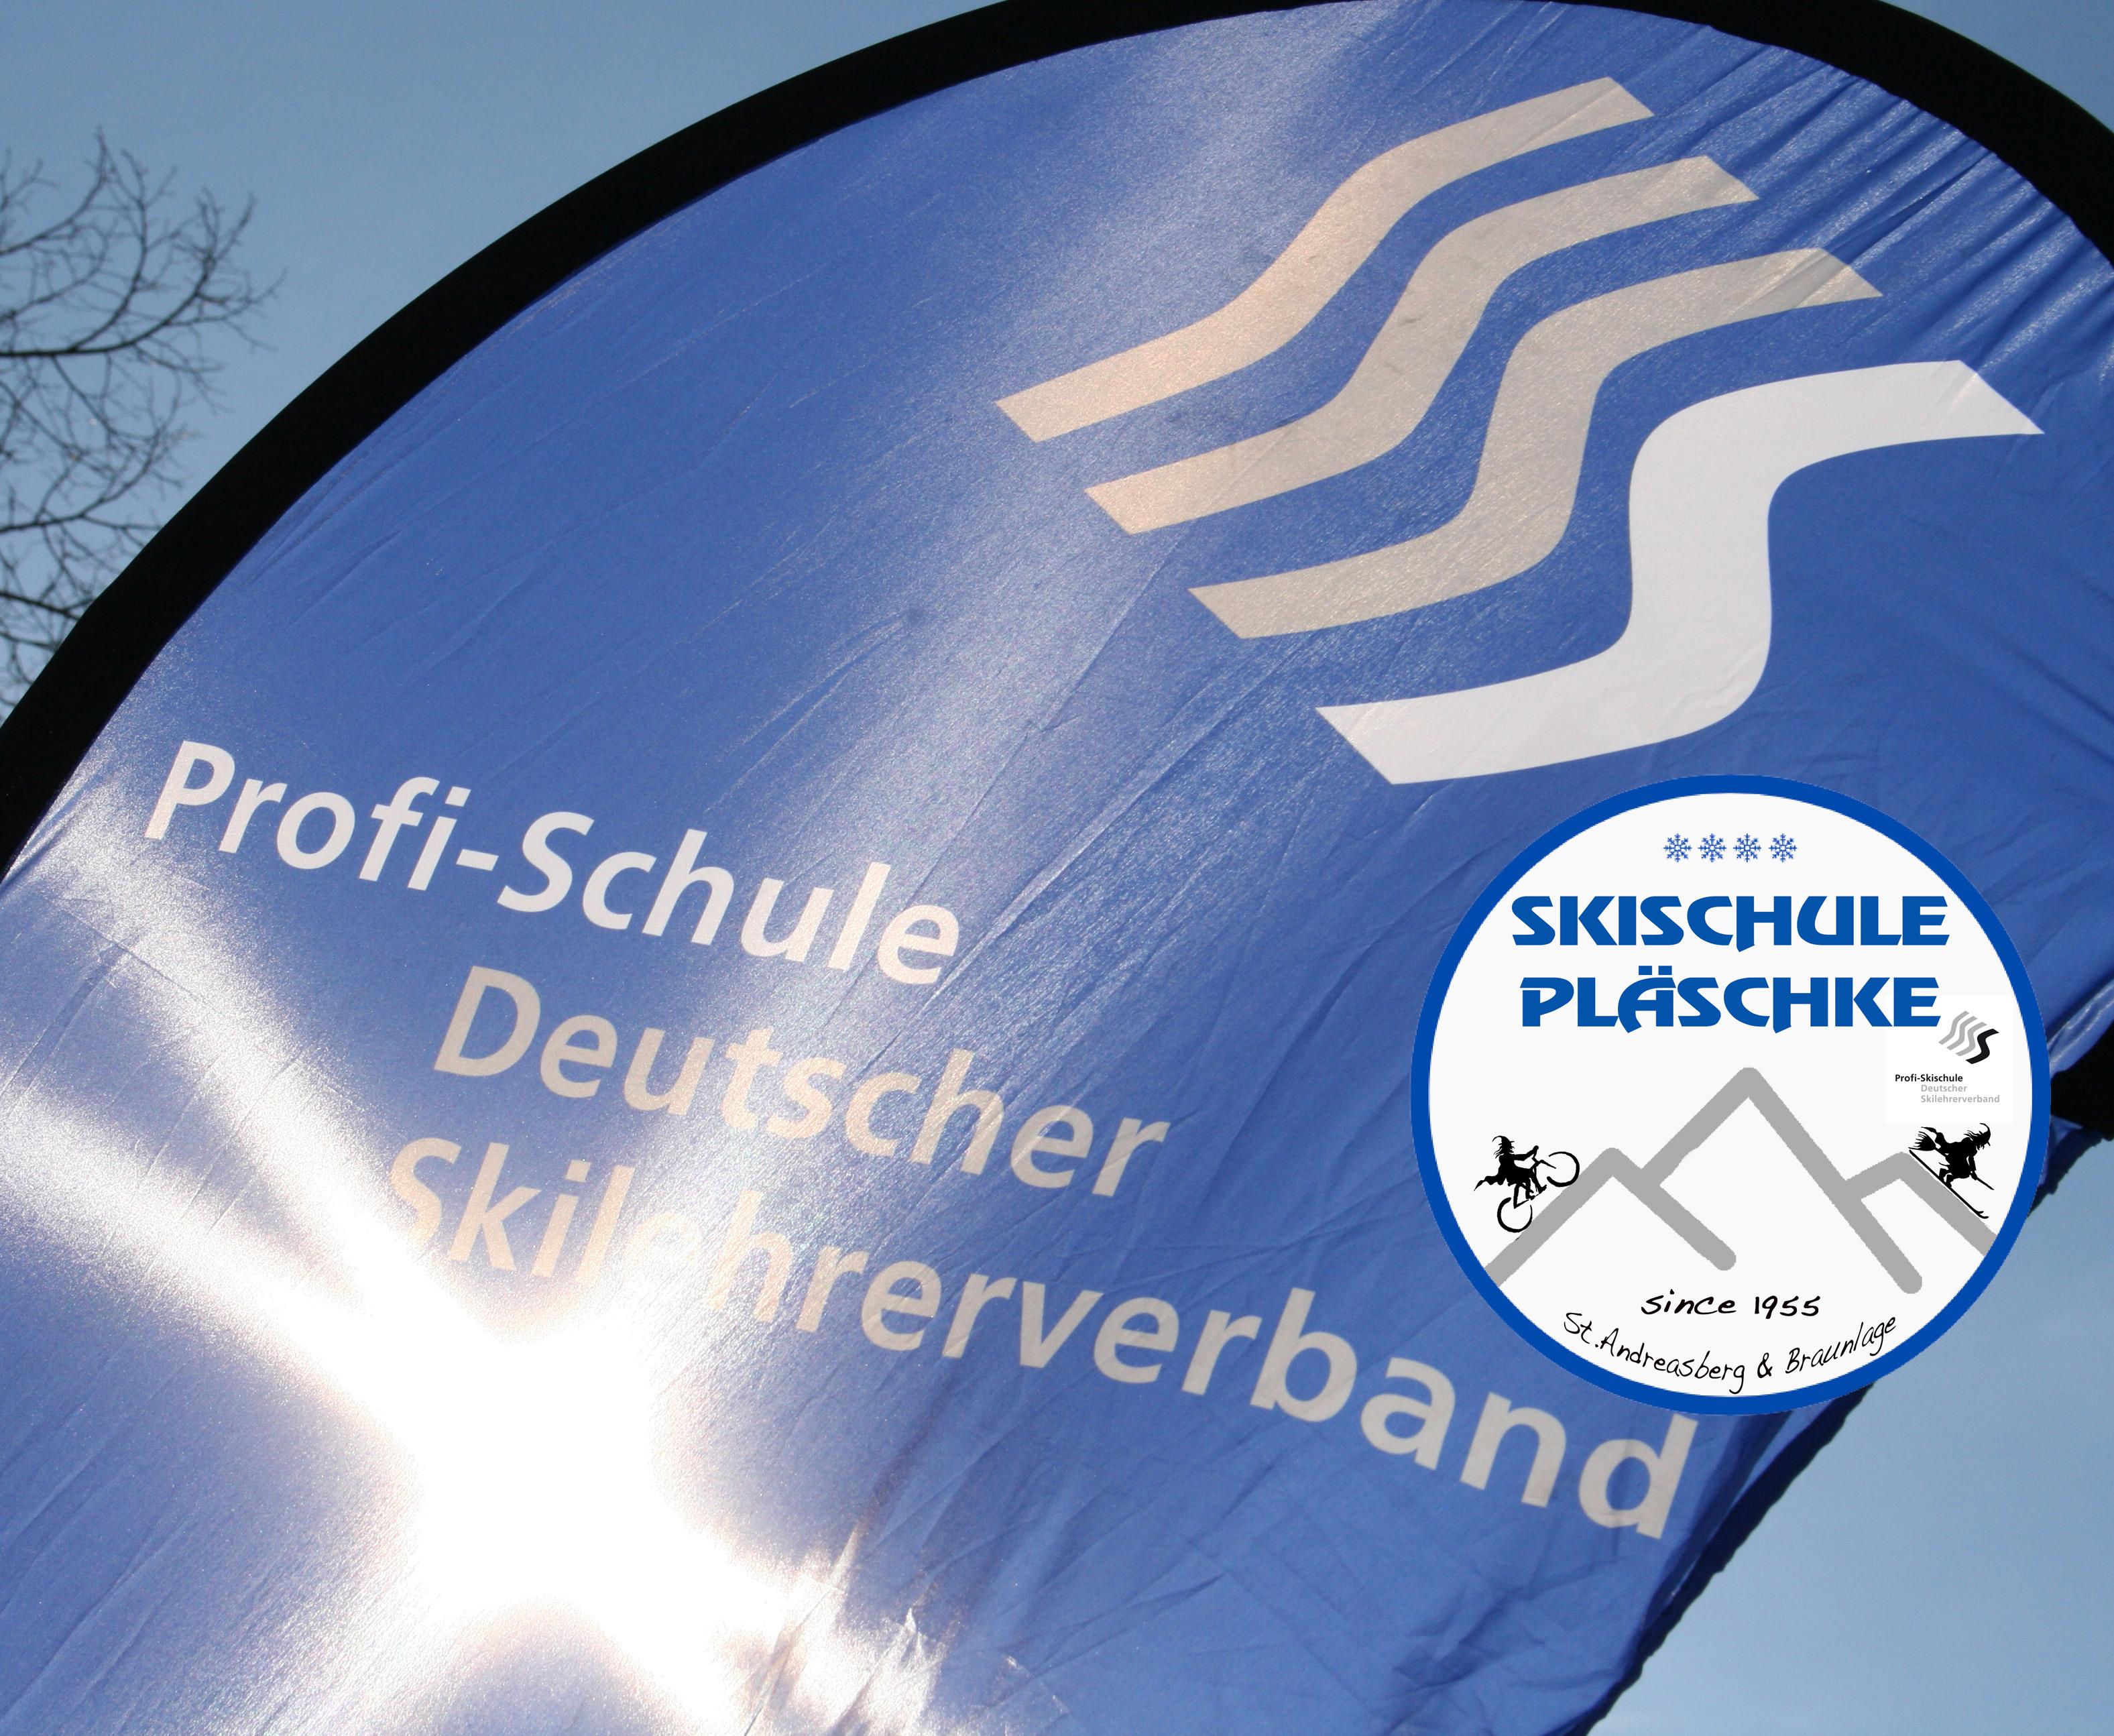 Skischule Pläschke 1.jpg